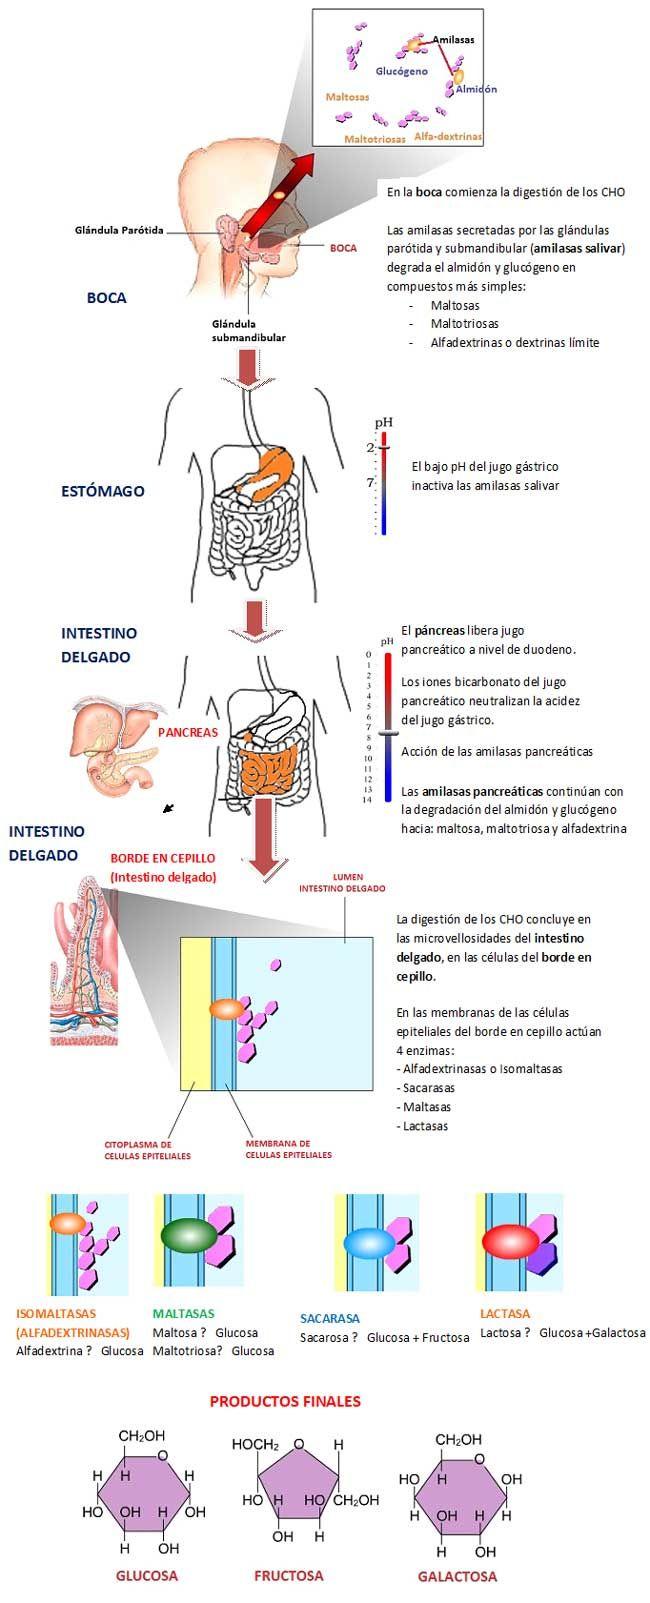 Taxa de metabolismo basal